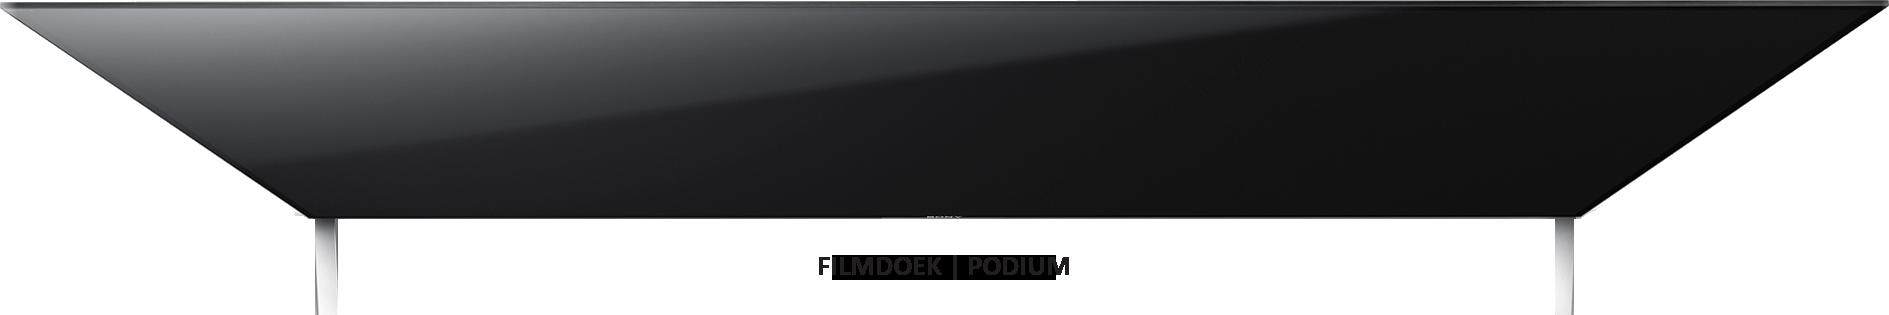 Cinema Screen 3D